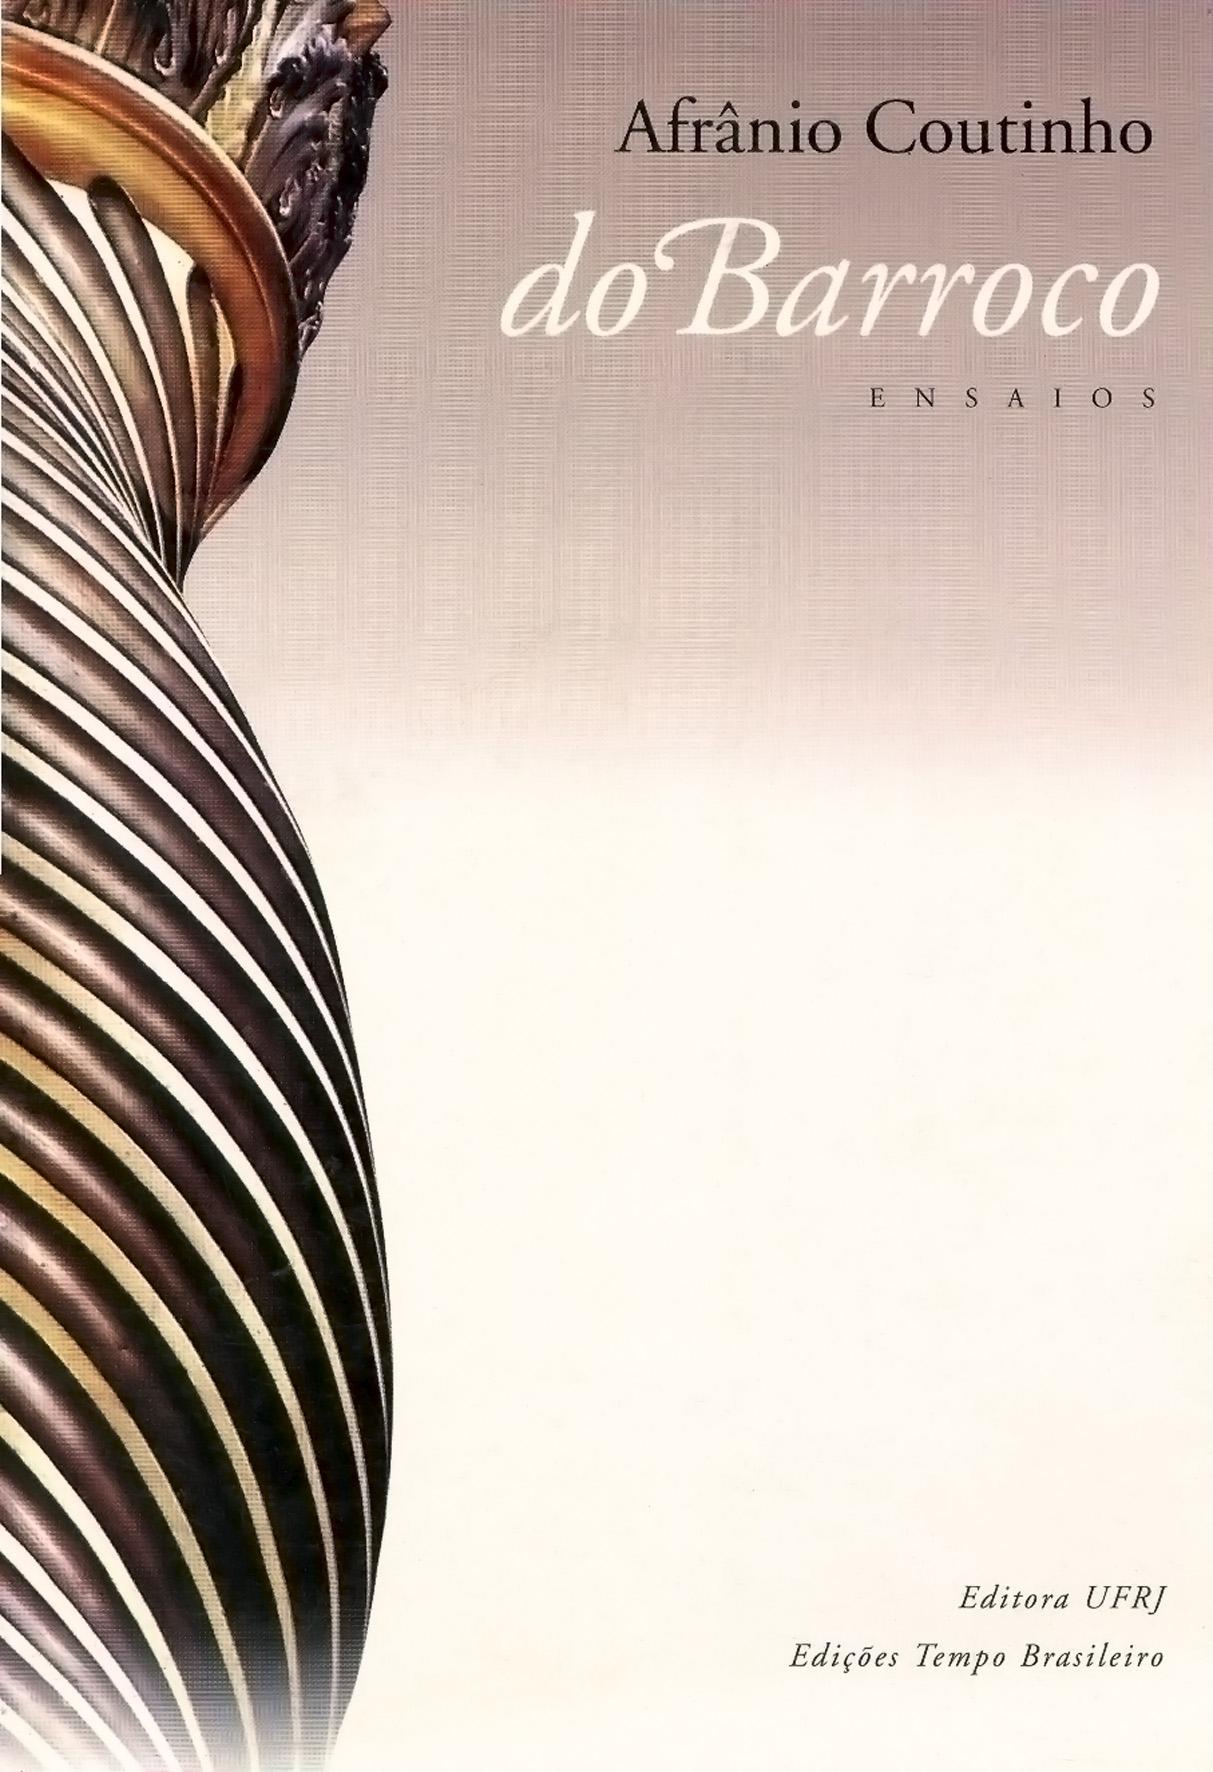 Do Barroco